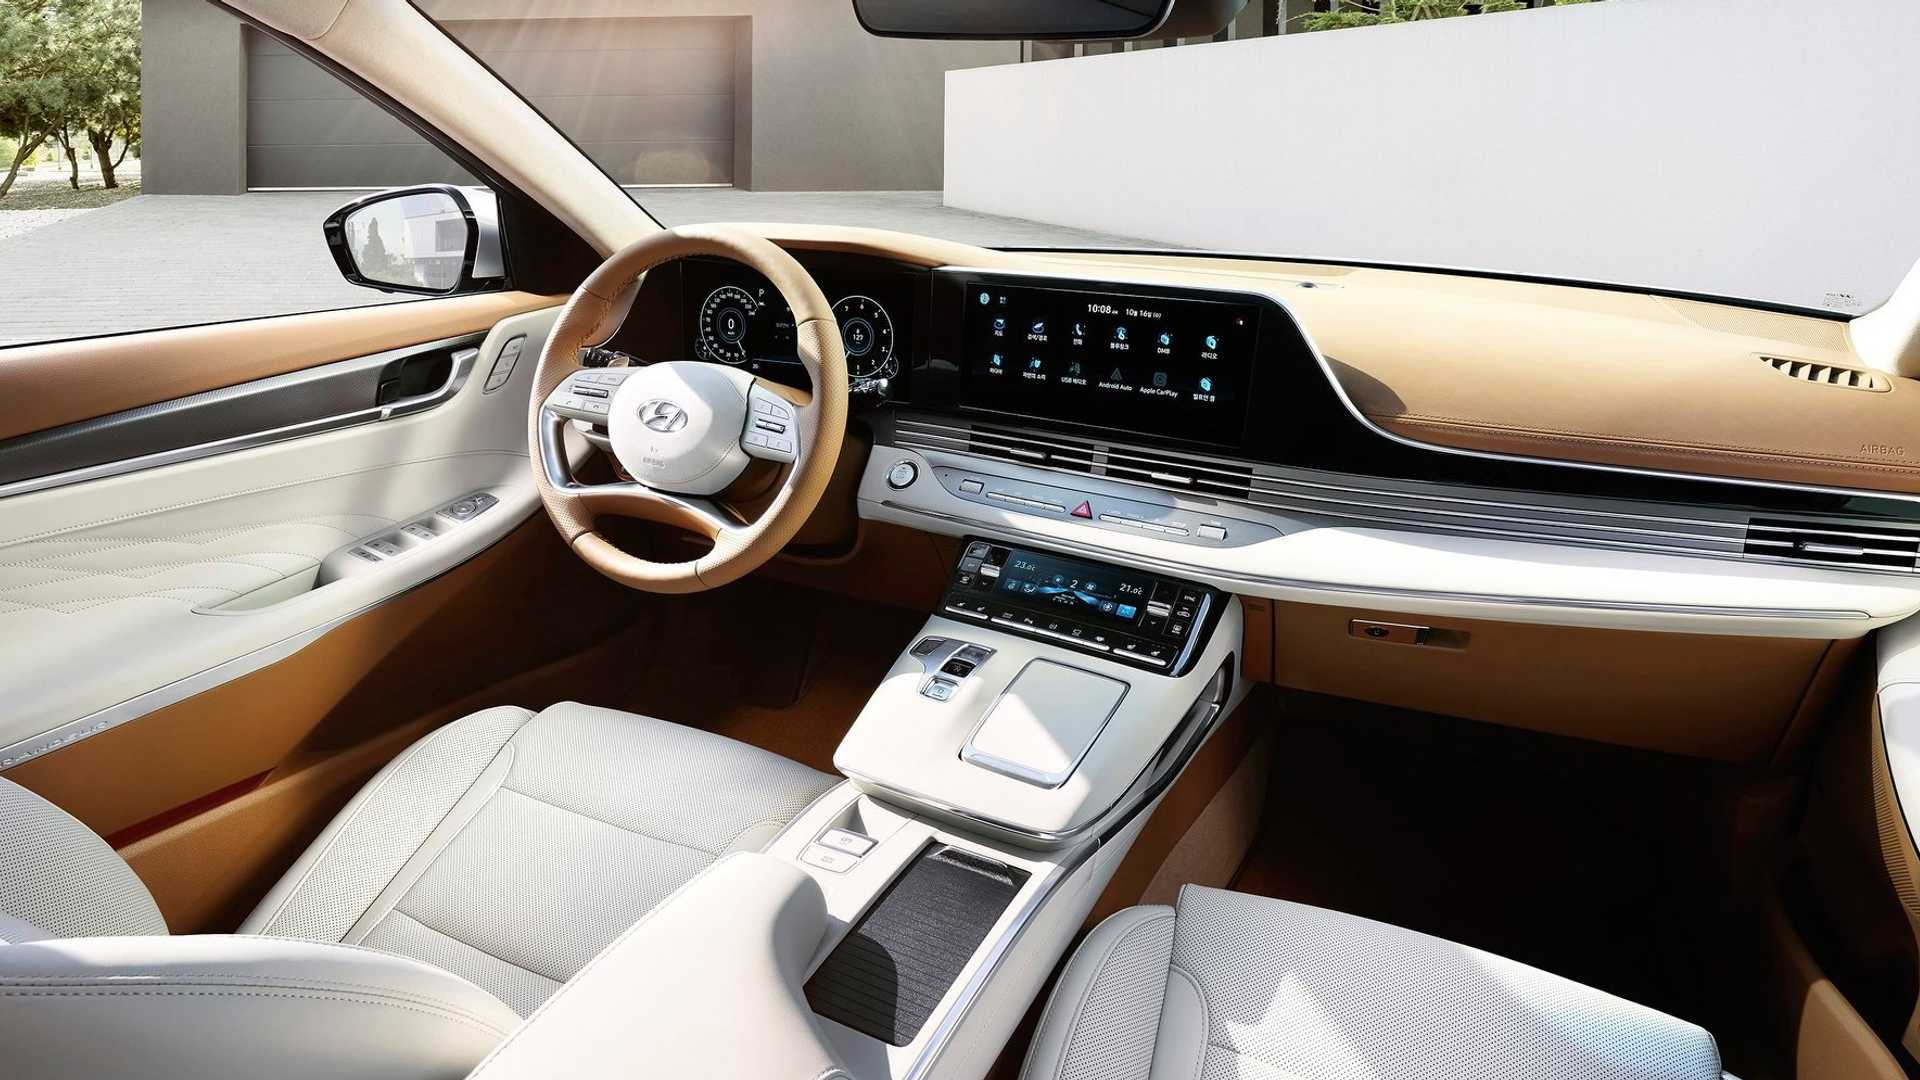 2020-hyundai-grandeur-facelift-3.jpg